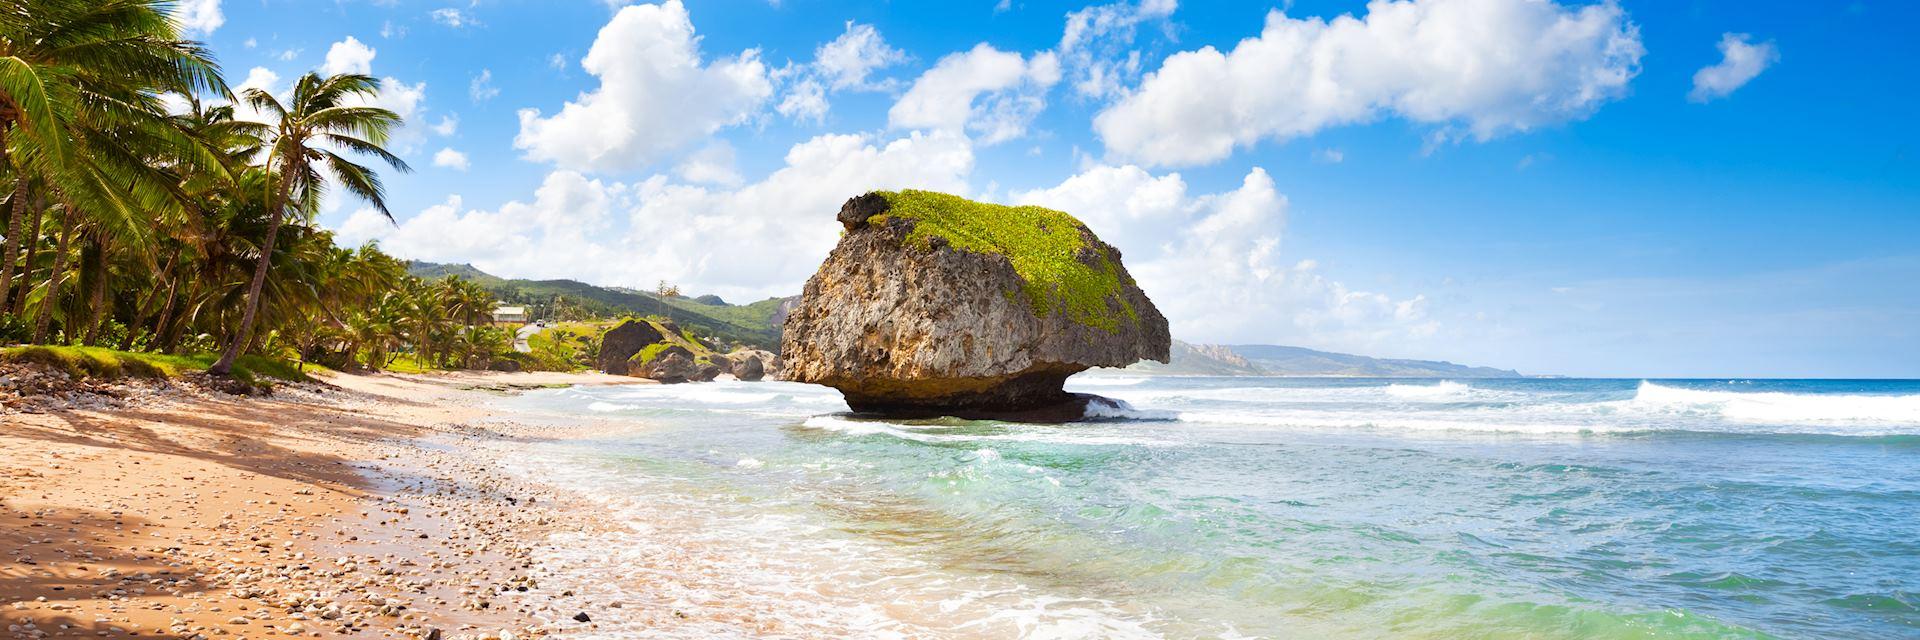 Bathsheba, East coast of Barbados